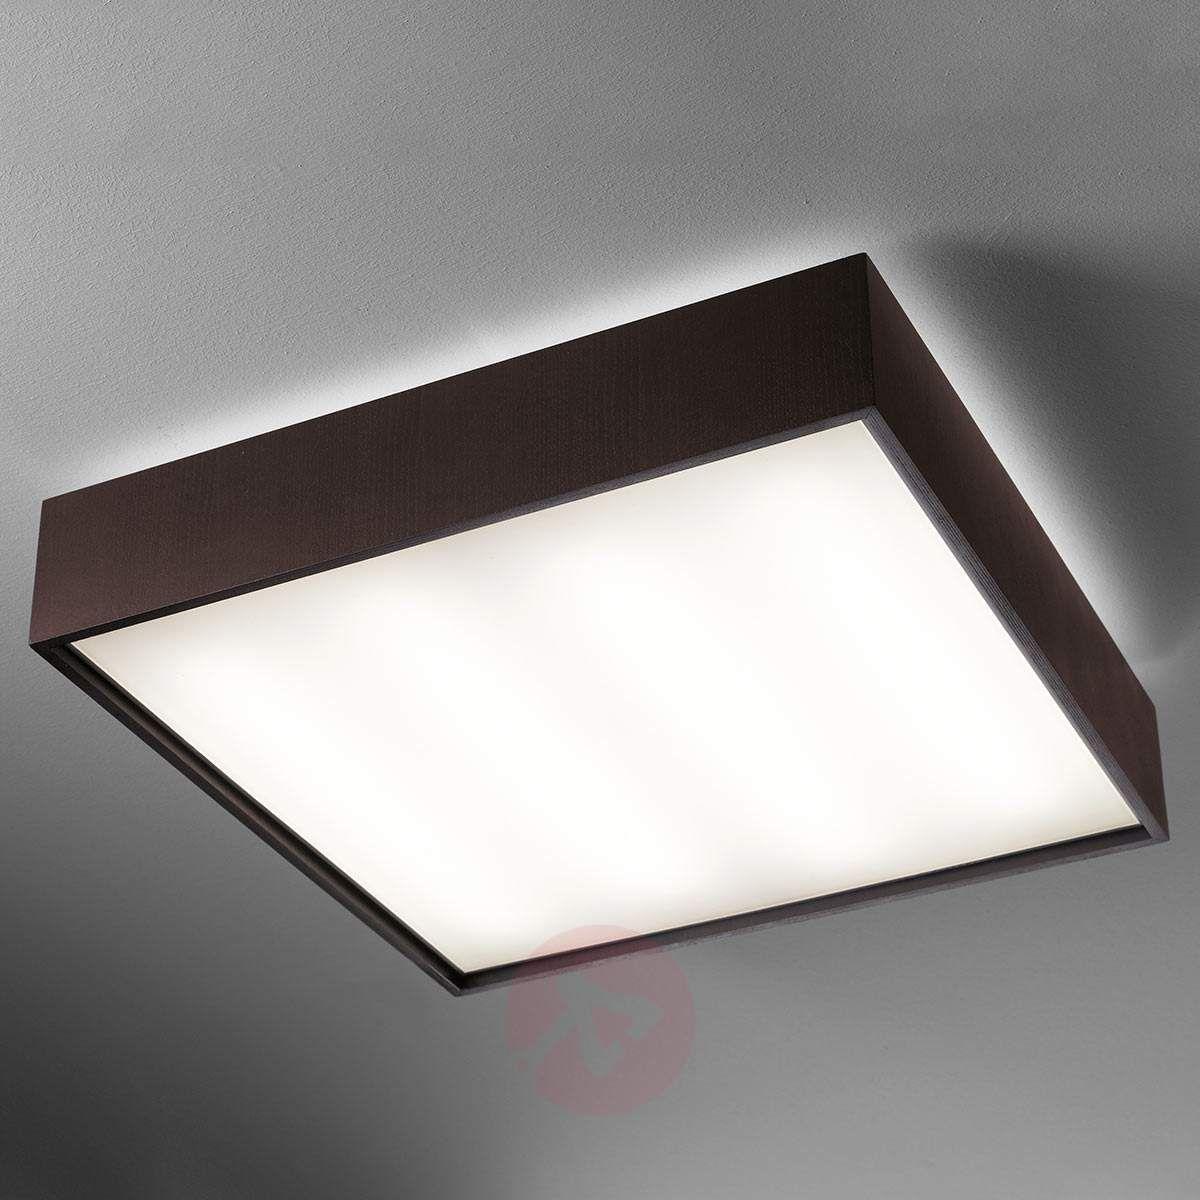 sklep oświetlenie poznań | lampa wisząca biała klasyczna